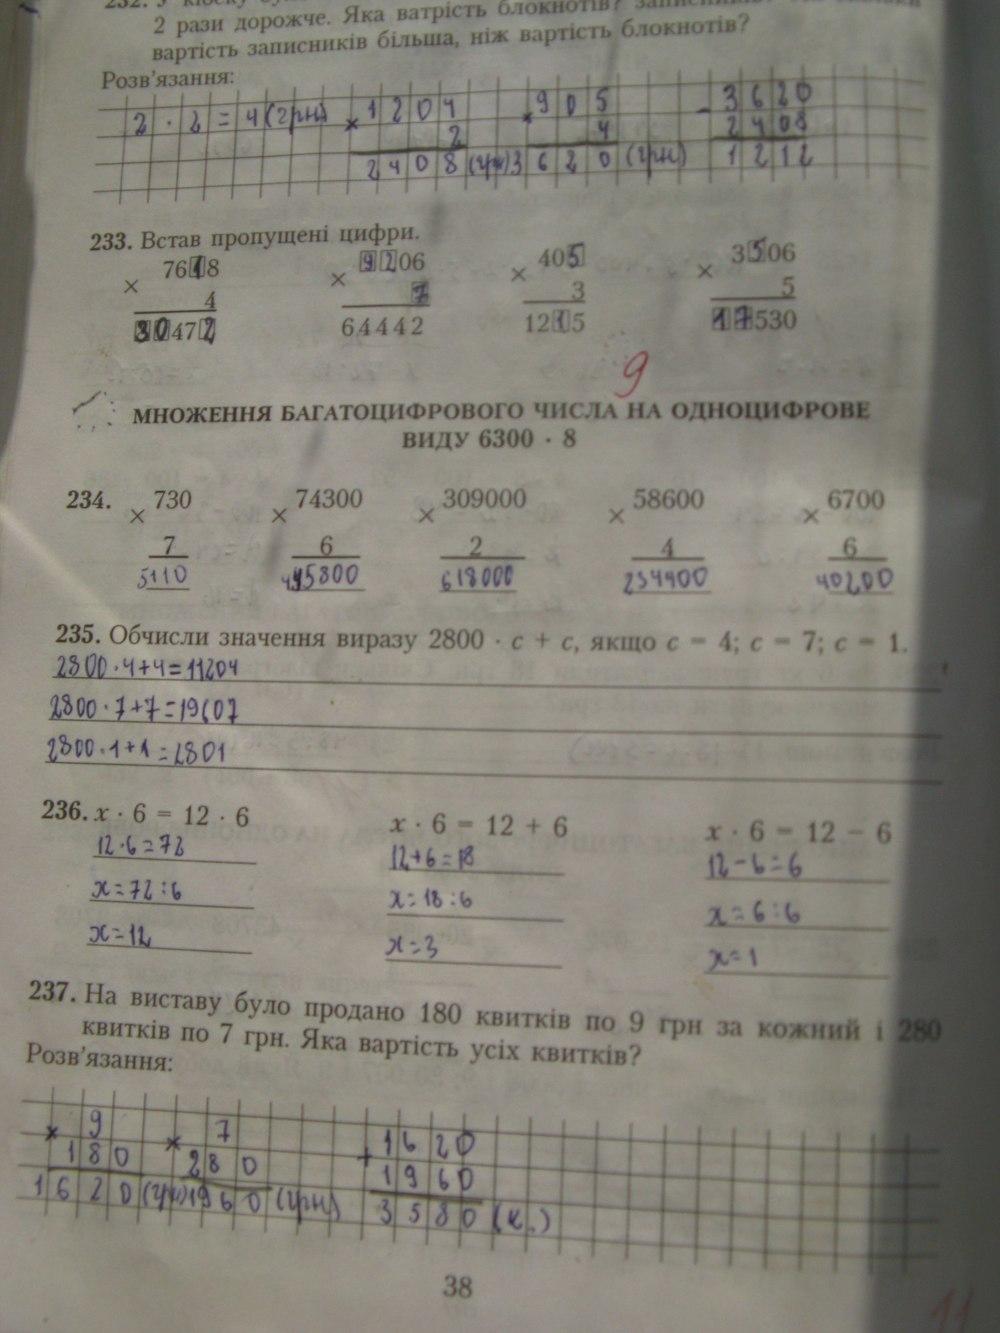 Богданович клас робочий по 4 гдз зошит математике